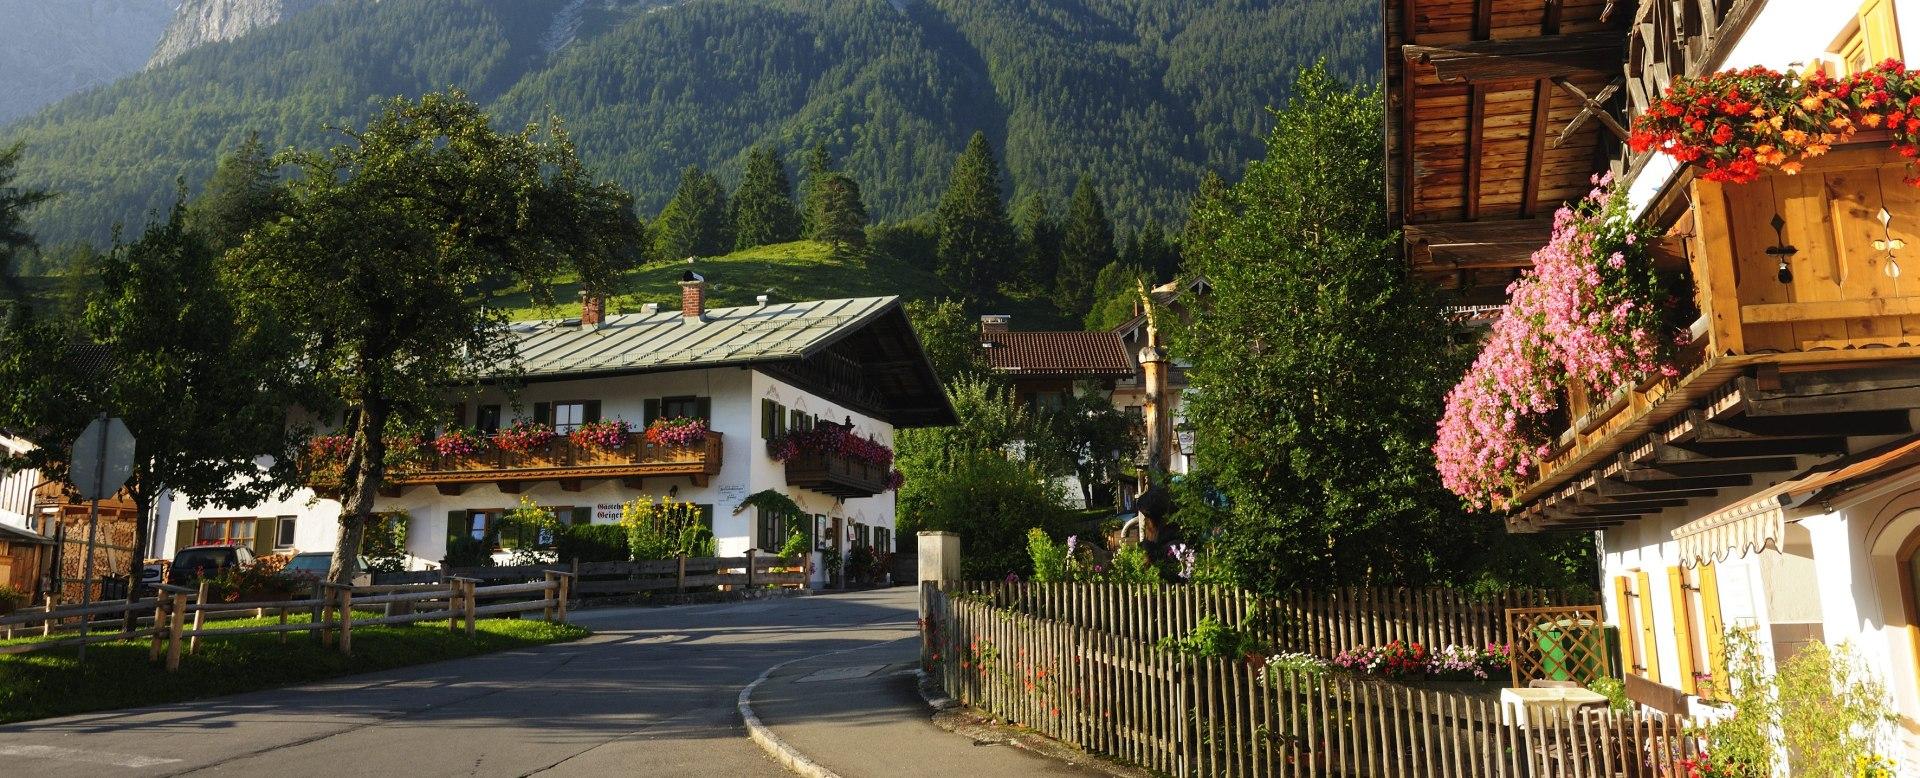 Grainau, oberer dorfplatz, blick auf waxensteine, © Touristinformation Grainau - Foto Ehn